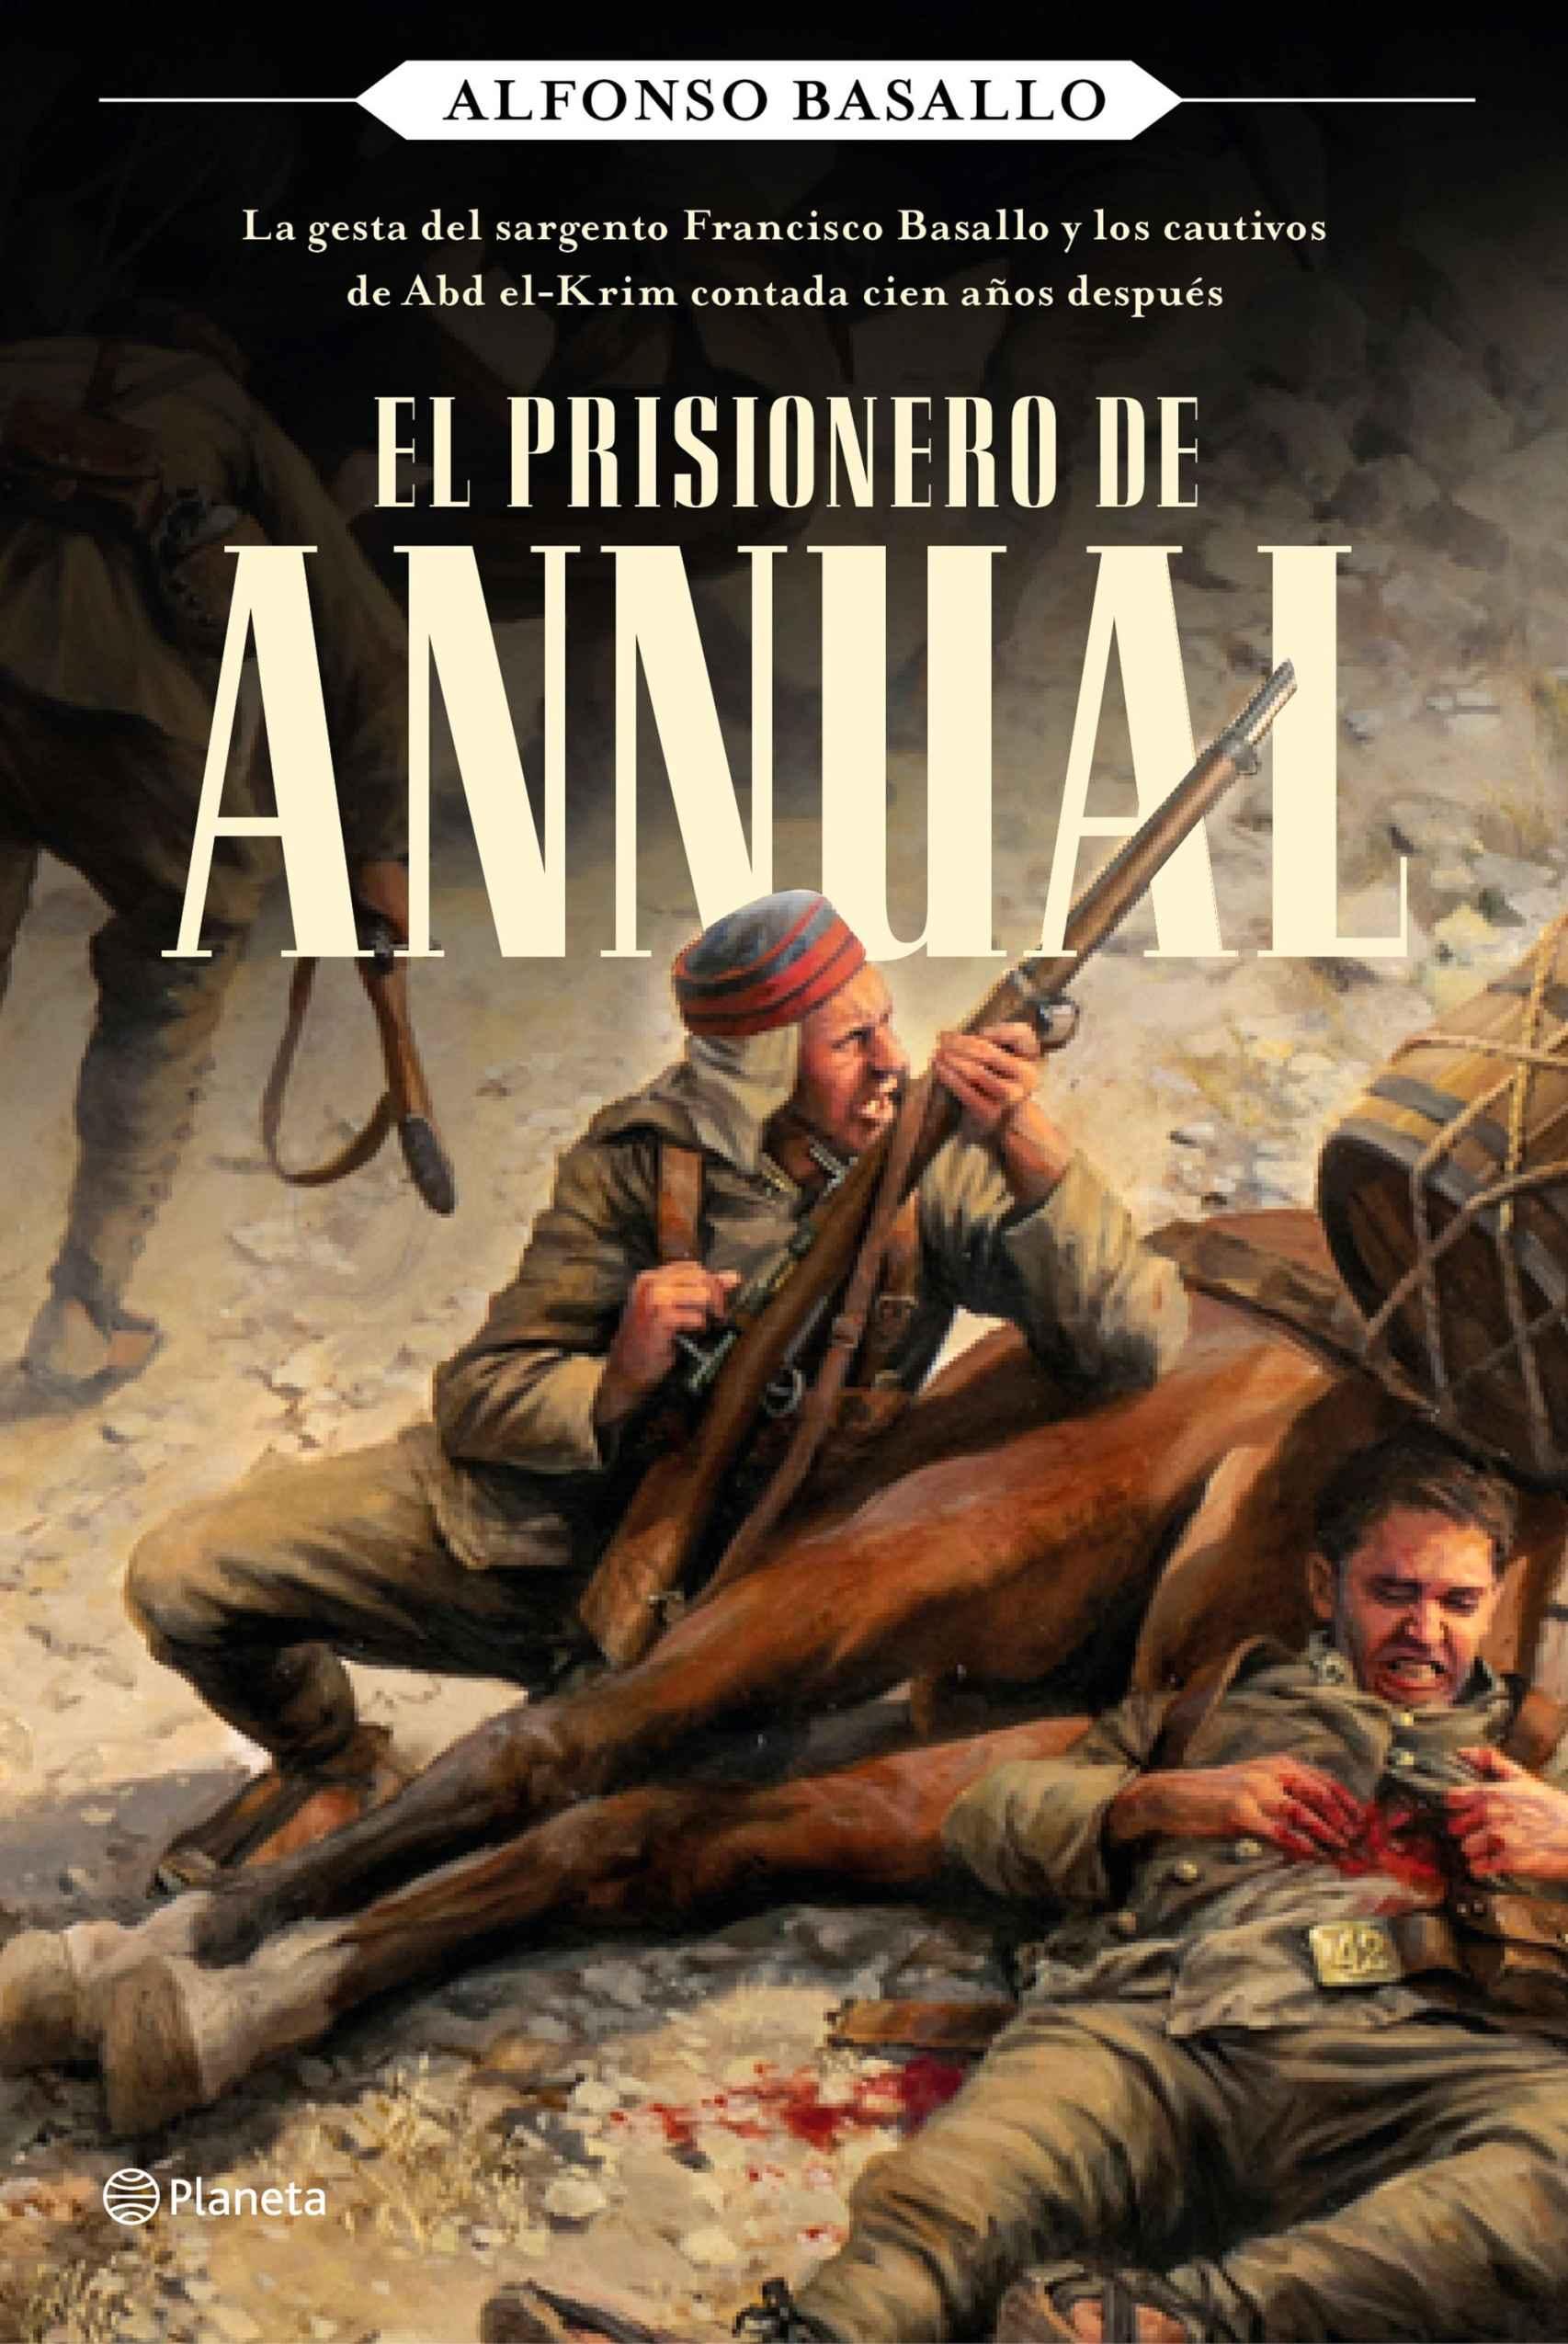 Portada de 'El prisionero de Annual', con ilustración de Ferrer-Dalmau.